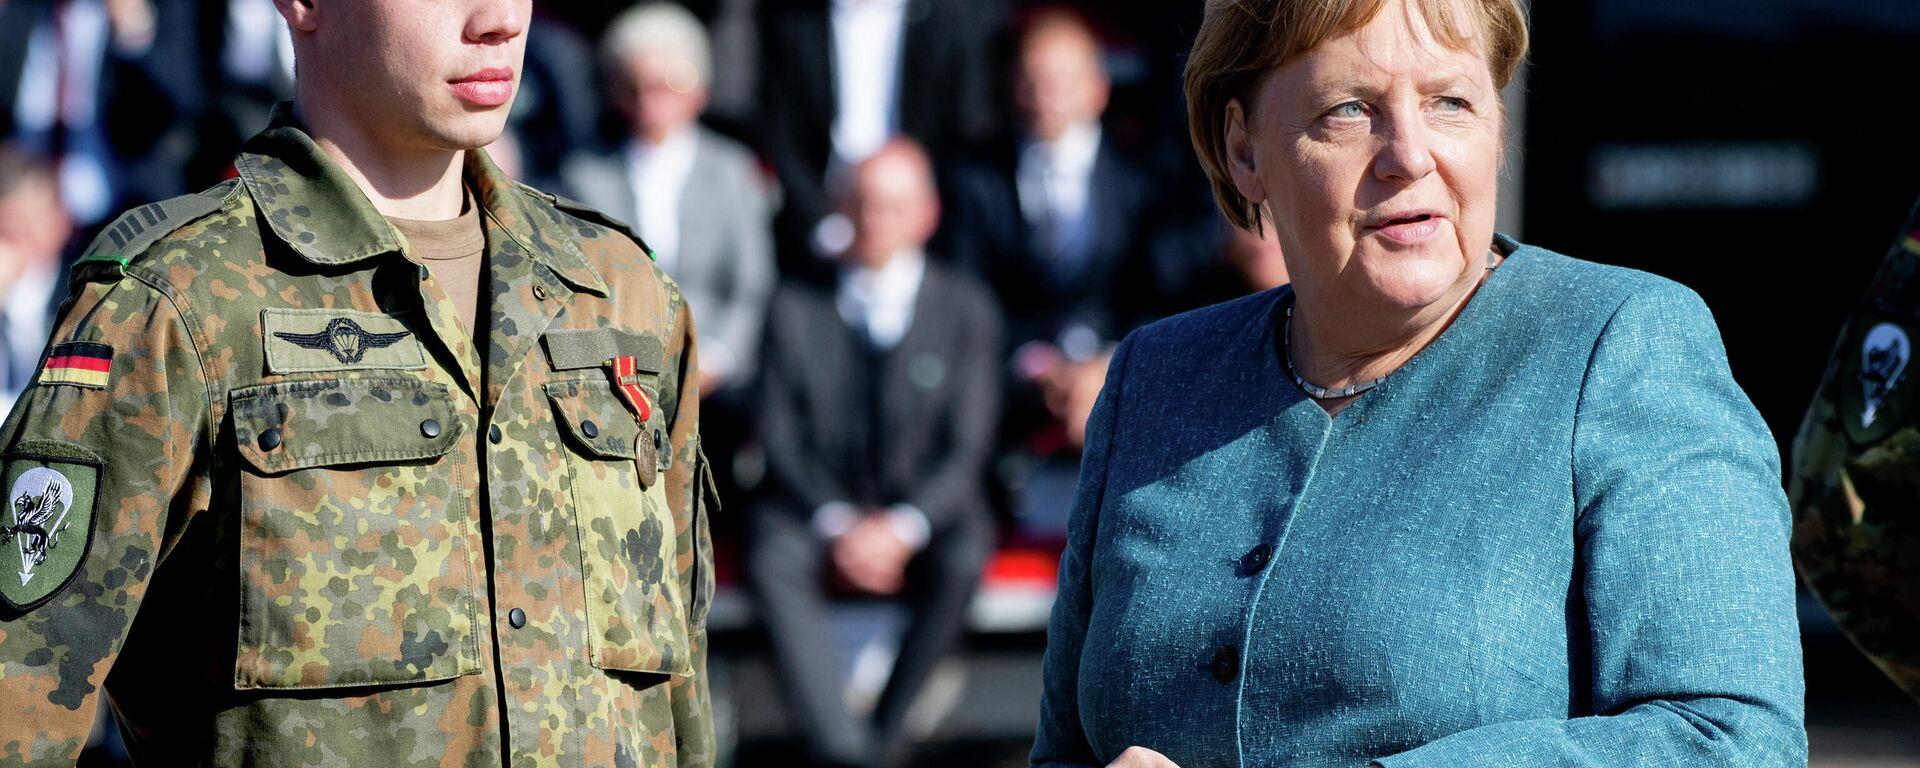 Bundeskanzlerin Angeka Merkel würdigt Merkel deutsche Soldaten, die an der Evakuierung aus Afghanistan beteiligt waren, 22.09.2021 - SNA, 1920, 22.09.2021